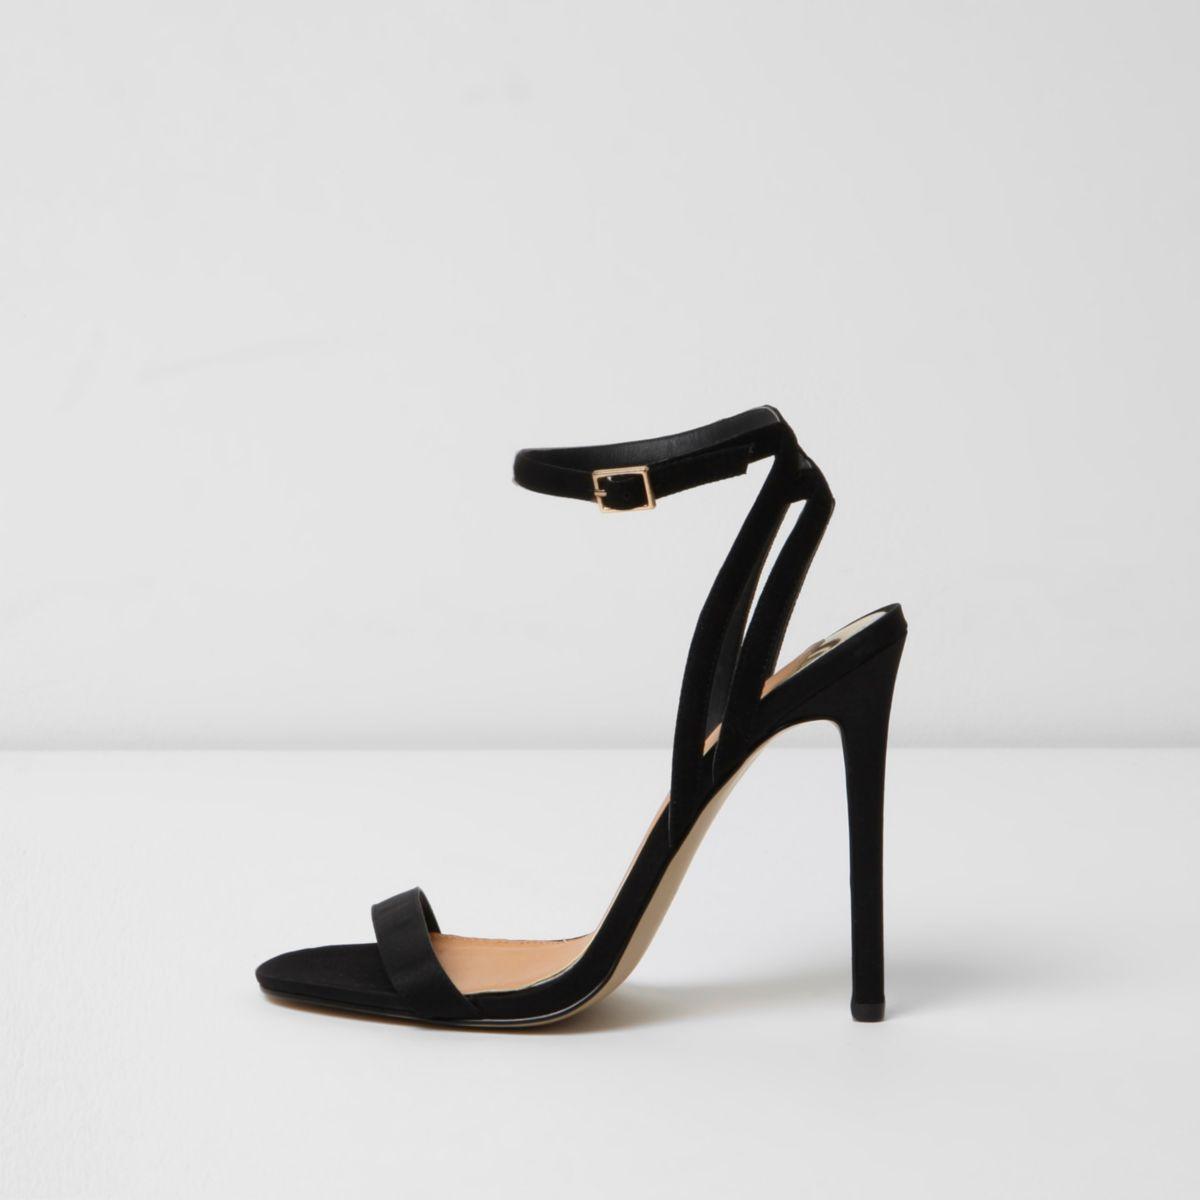 Schwarze Stilettos mit schmalen Riemen